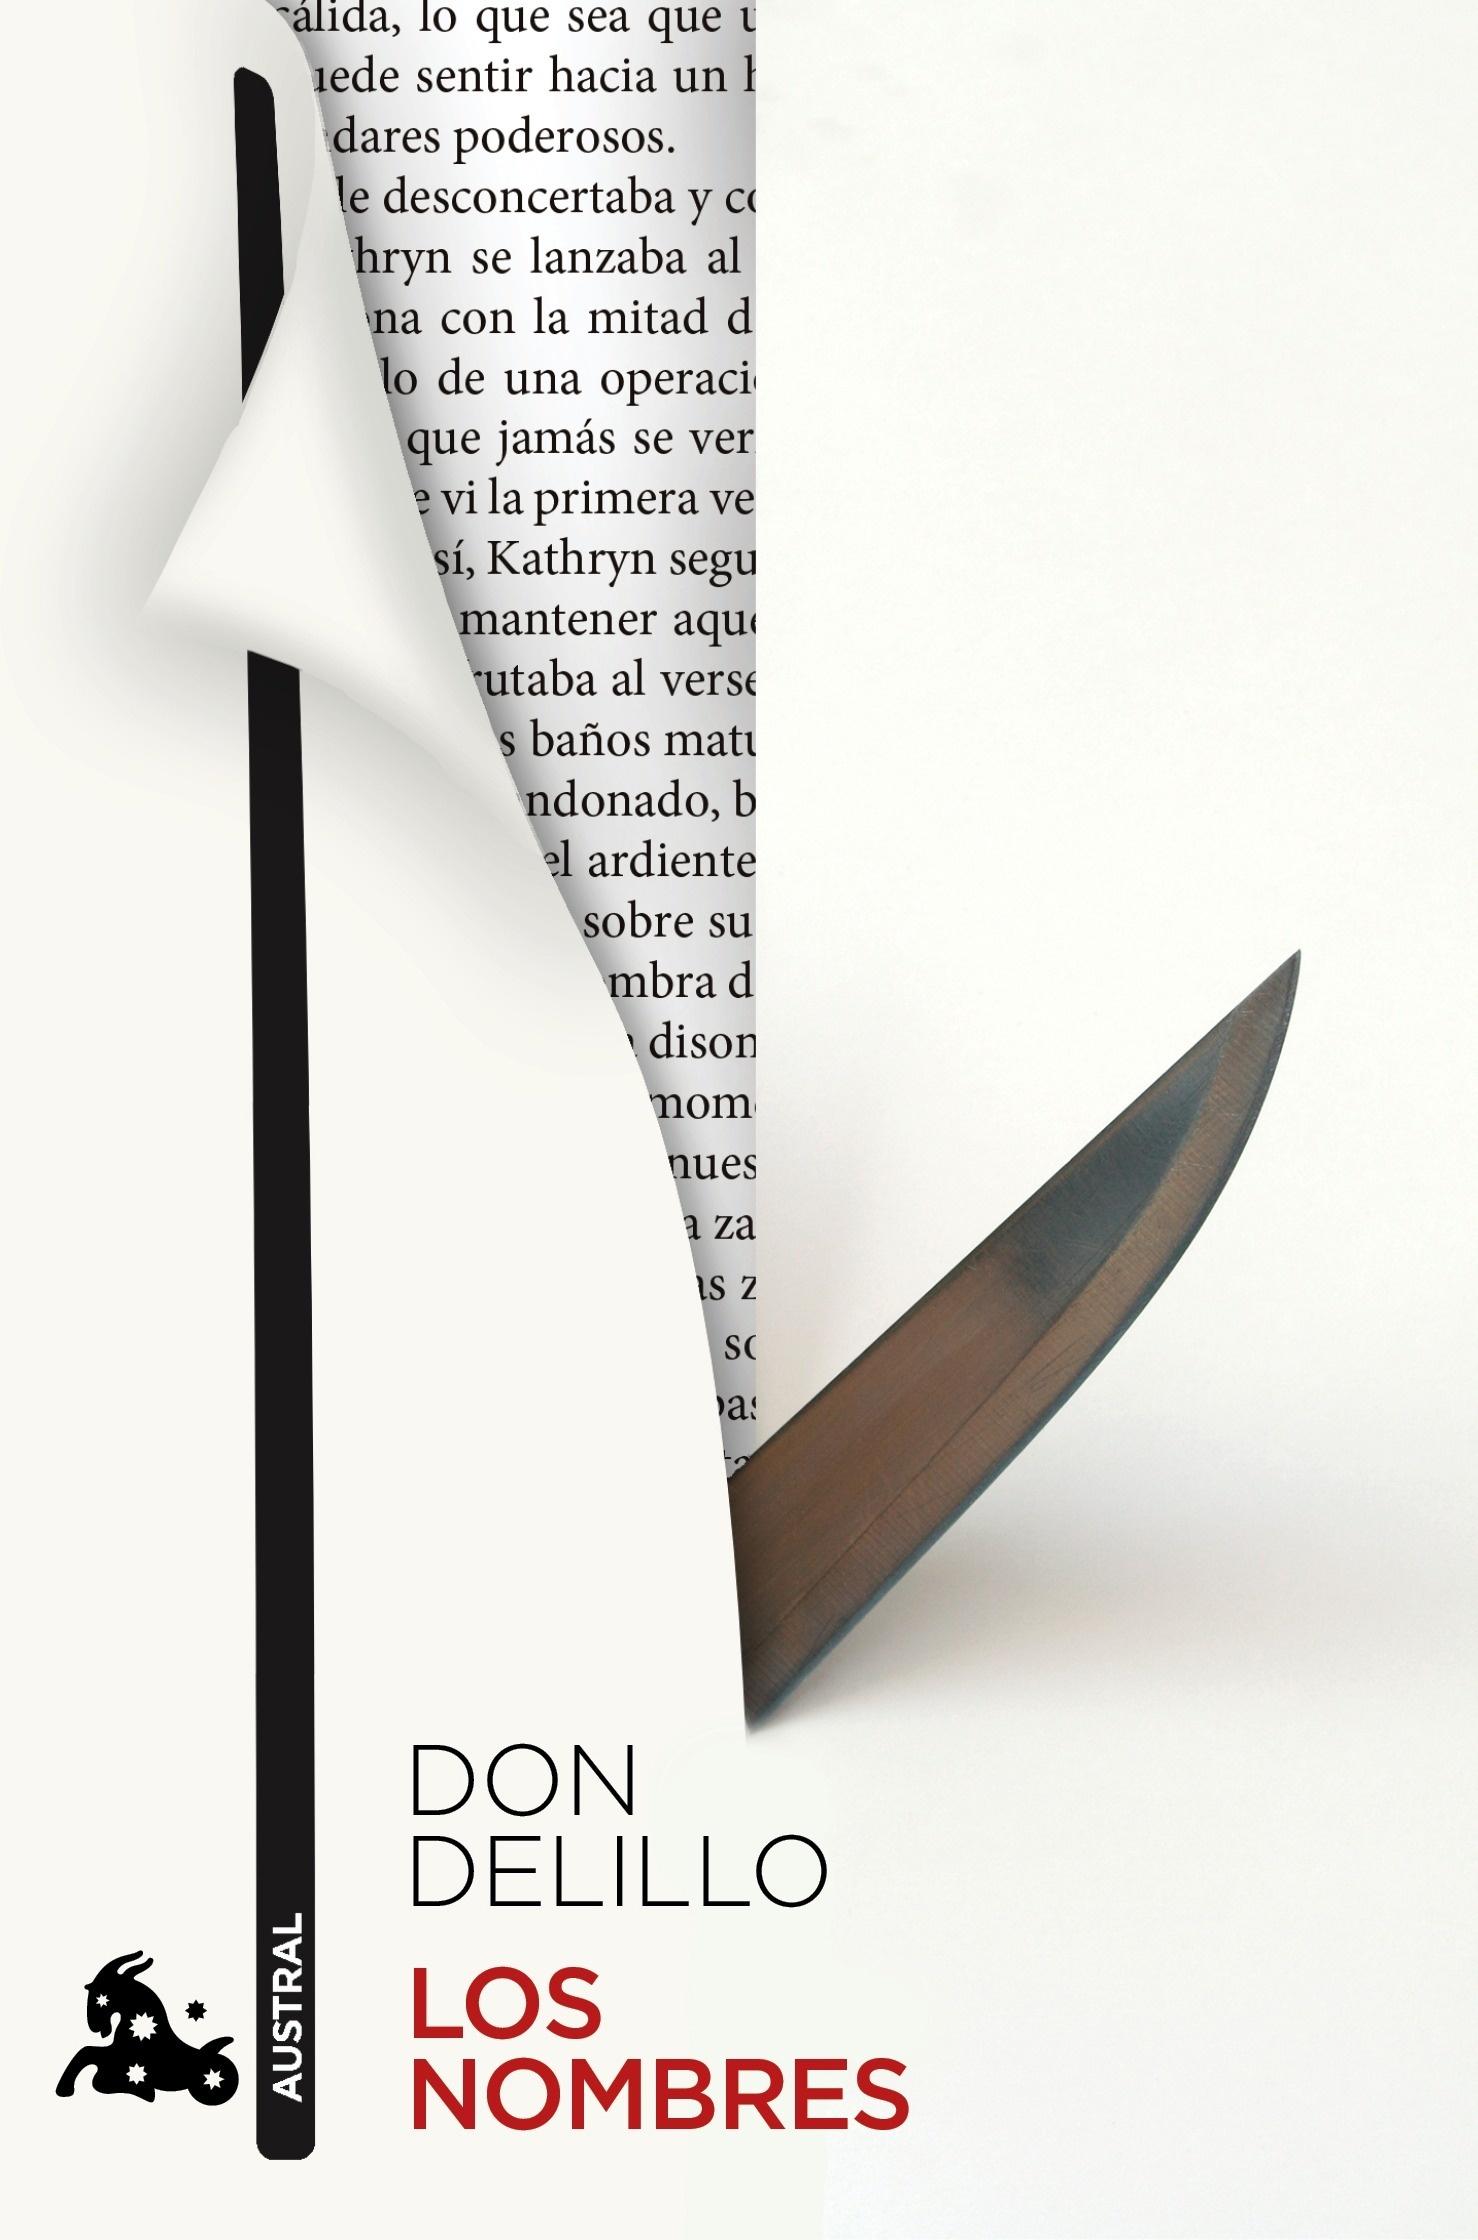 Libro: Los nombres - Delillo, Don